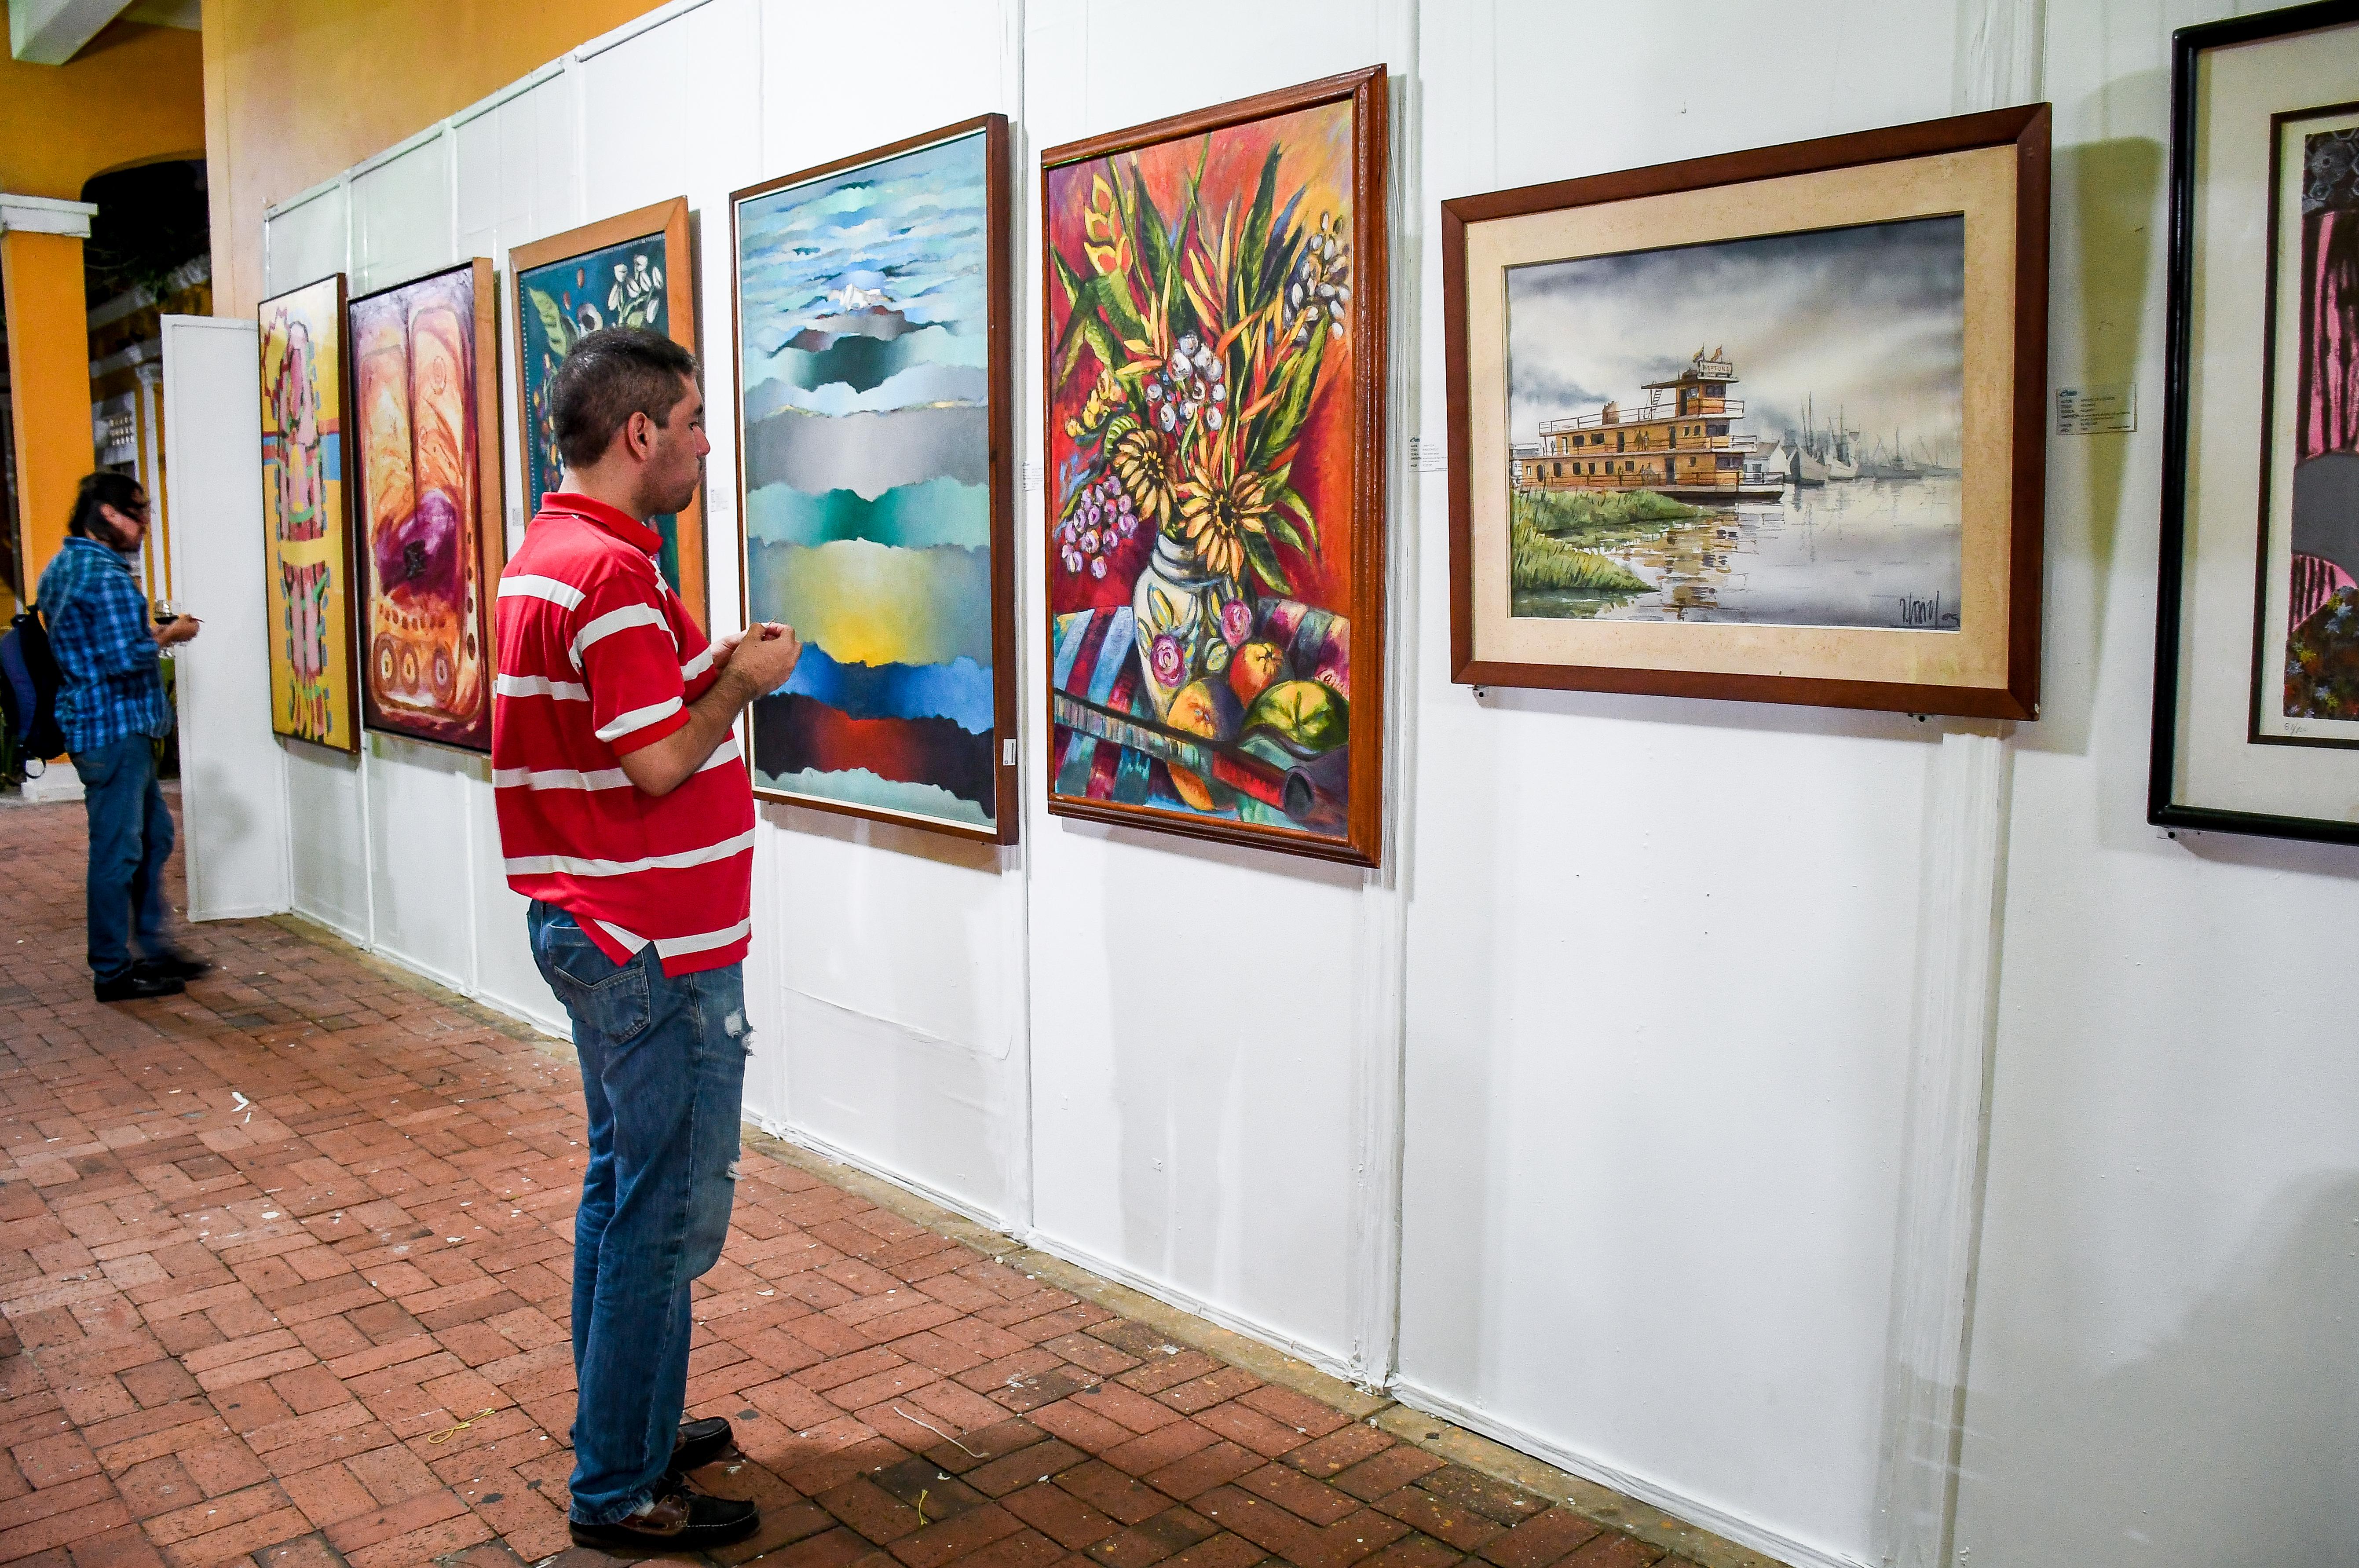 La exposición irá hasta enero de 2020 en las instalaciones de la Biblioteca Piloto del Caribe.